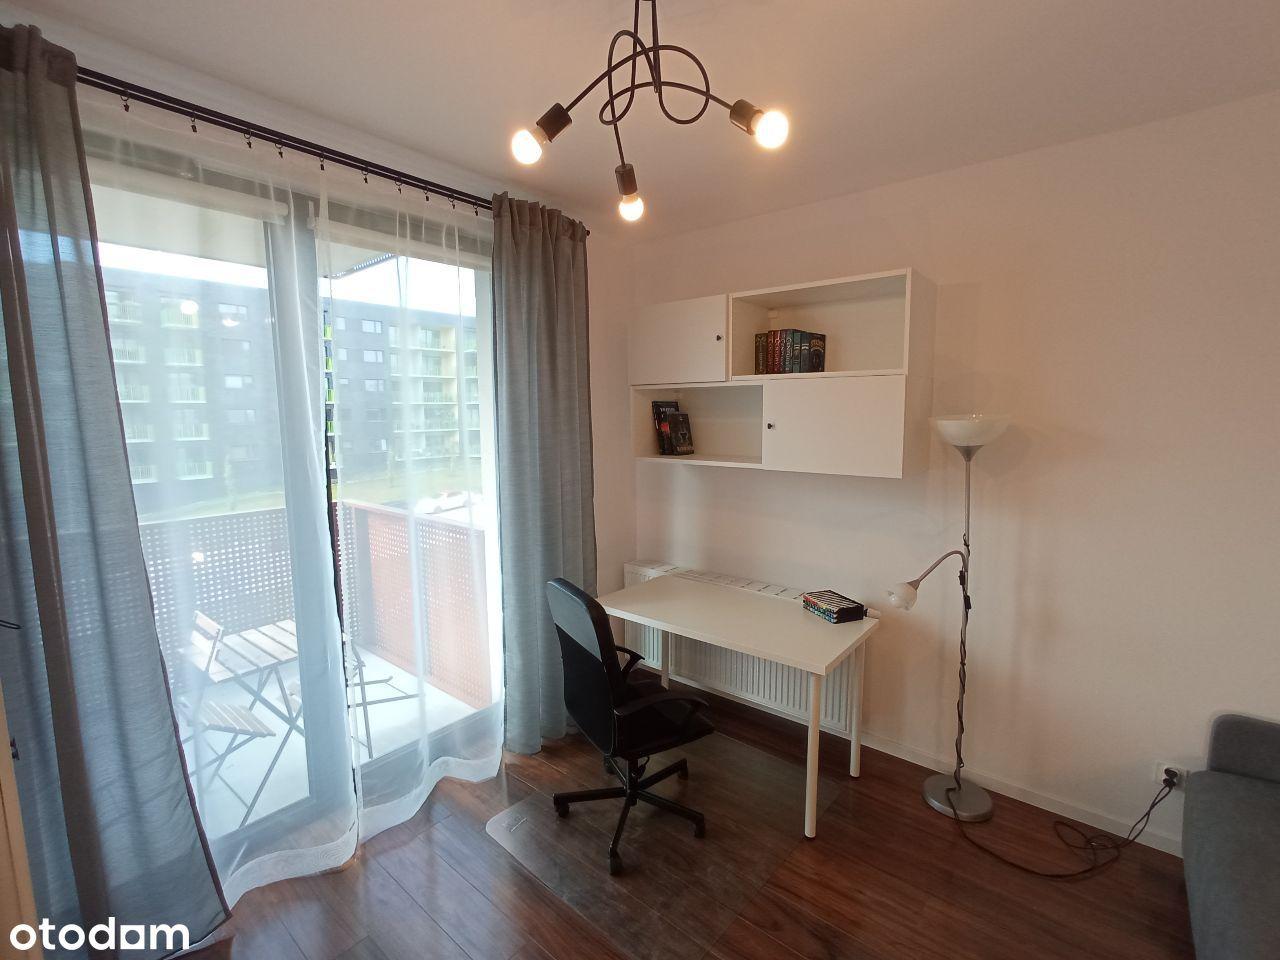 Piękne, nowe 2 pokojowe mieszkanie, Wizjonerów 7